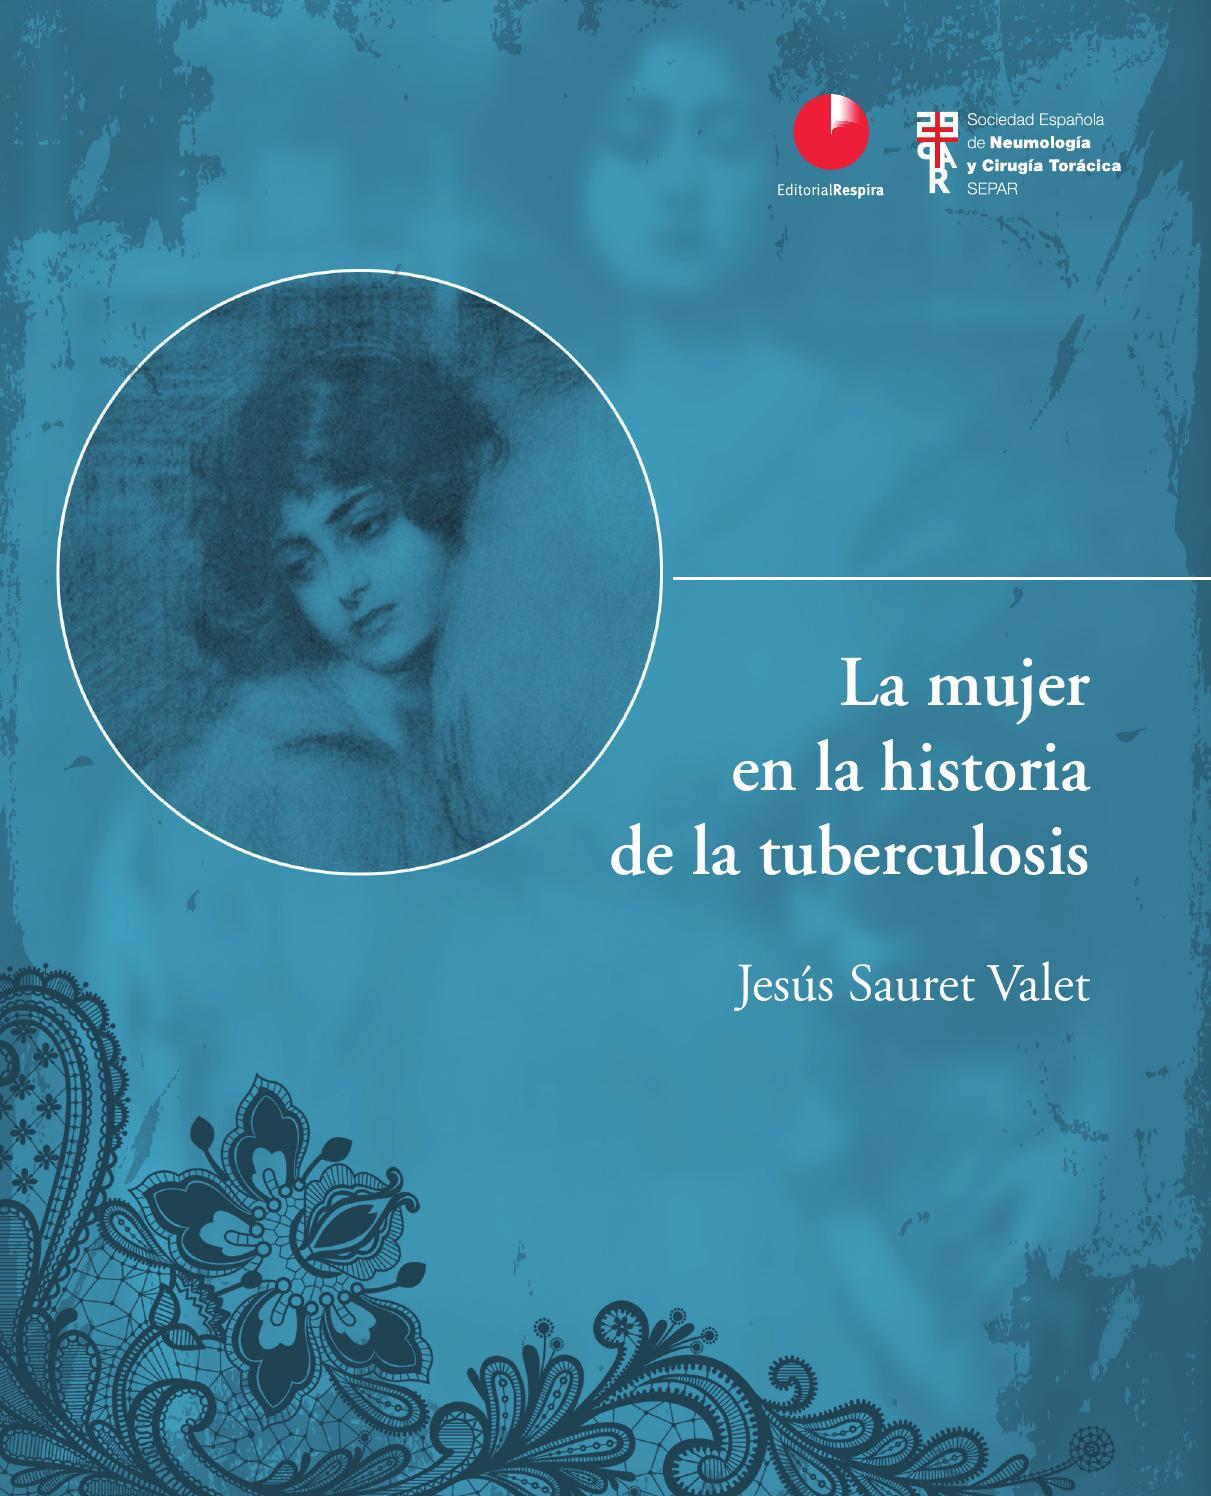 La mujer en la historia de la tuberculosis by SEPAR - issuu